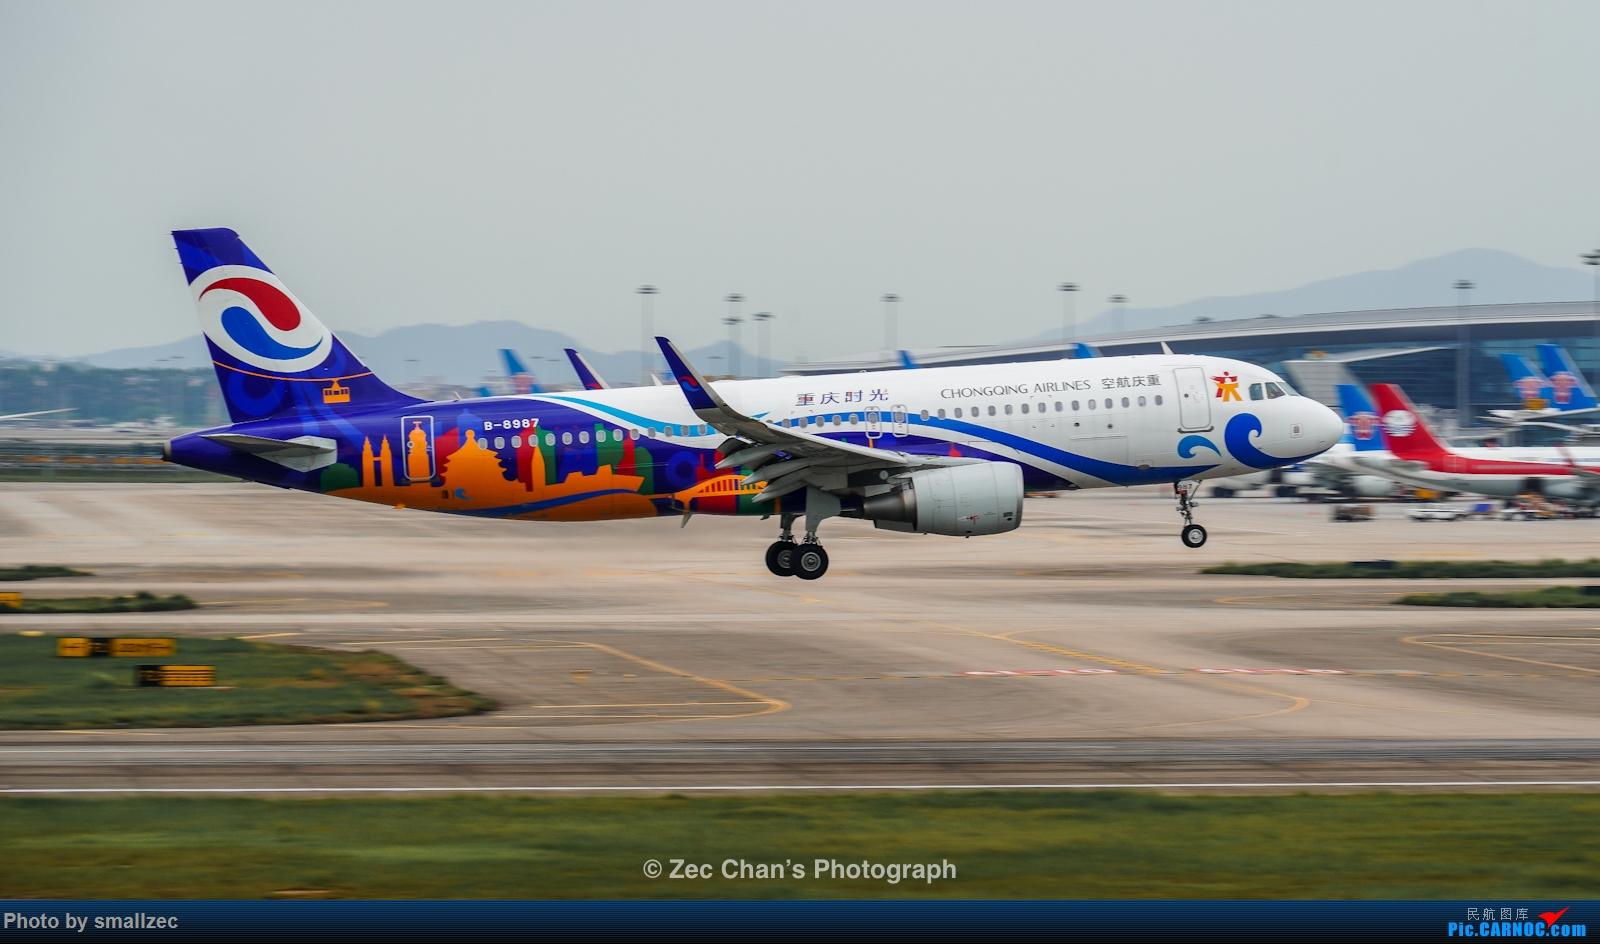 Re:[原创]【CAN】久违了,2020首次西跑拍机集锦 AIRBUS A320-200 B-8987 中国广州白云国际机场